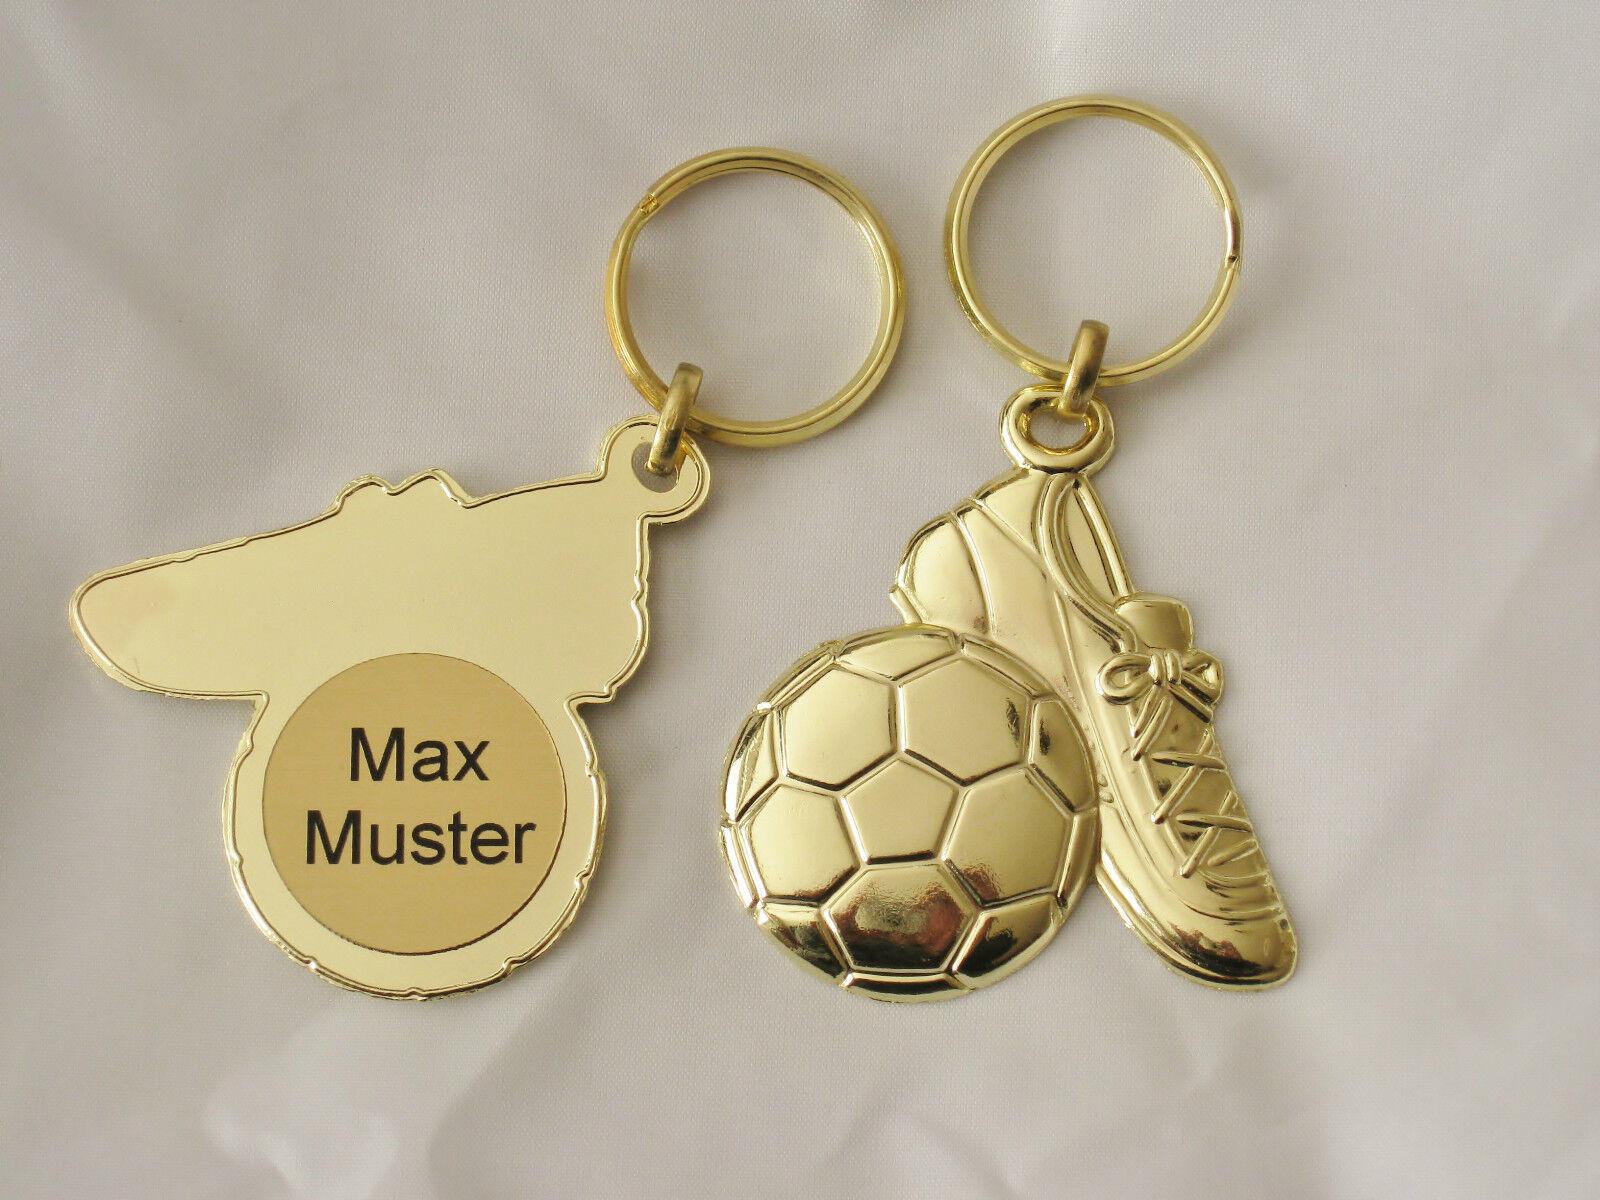 Schlüsselanhänger Fussball   Mengenrabatt   Mengenrabatt  ++inkl. Gravur++ c902e8